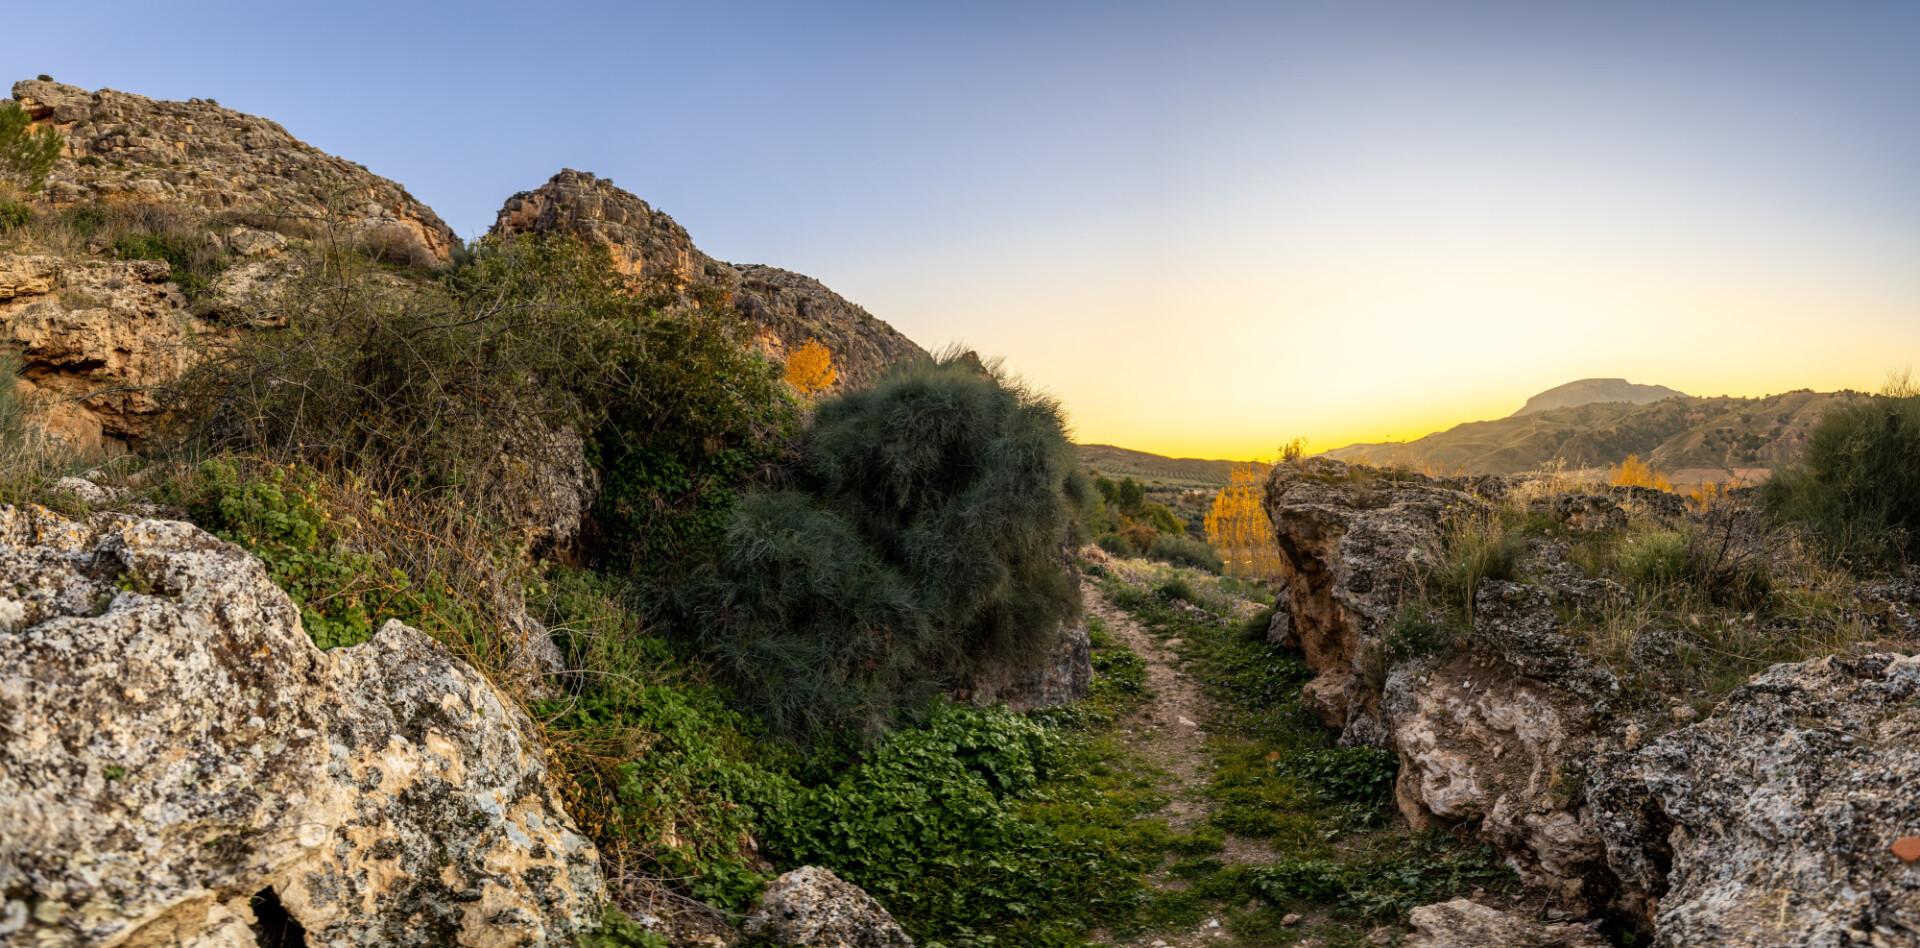 Villanueva de las Torres Granada Spain Landscape